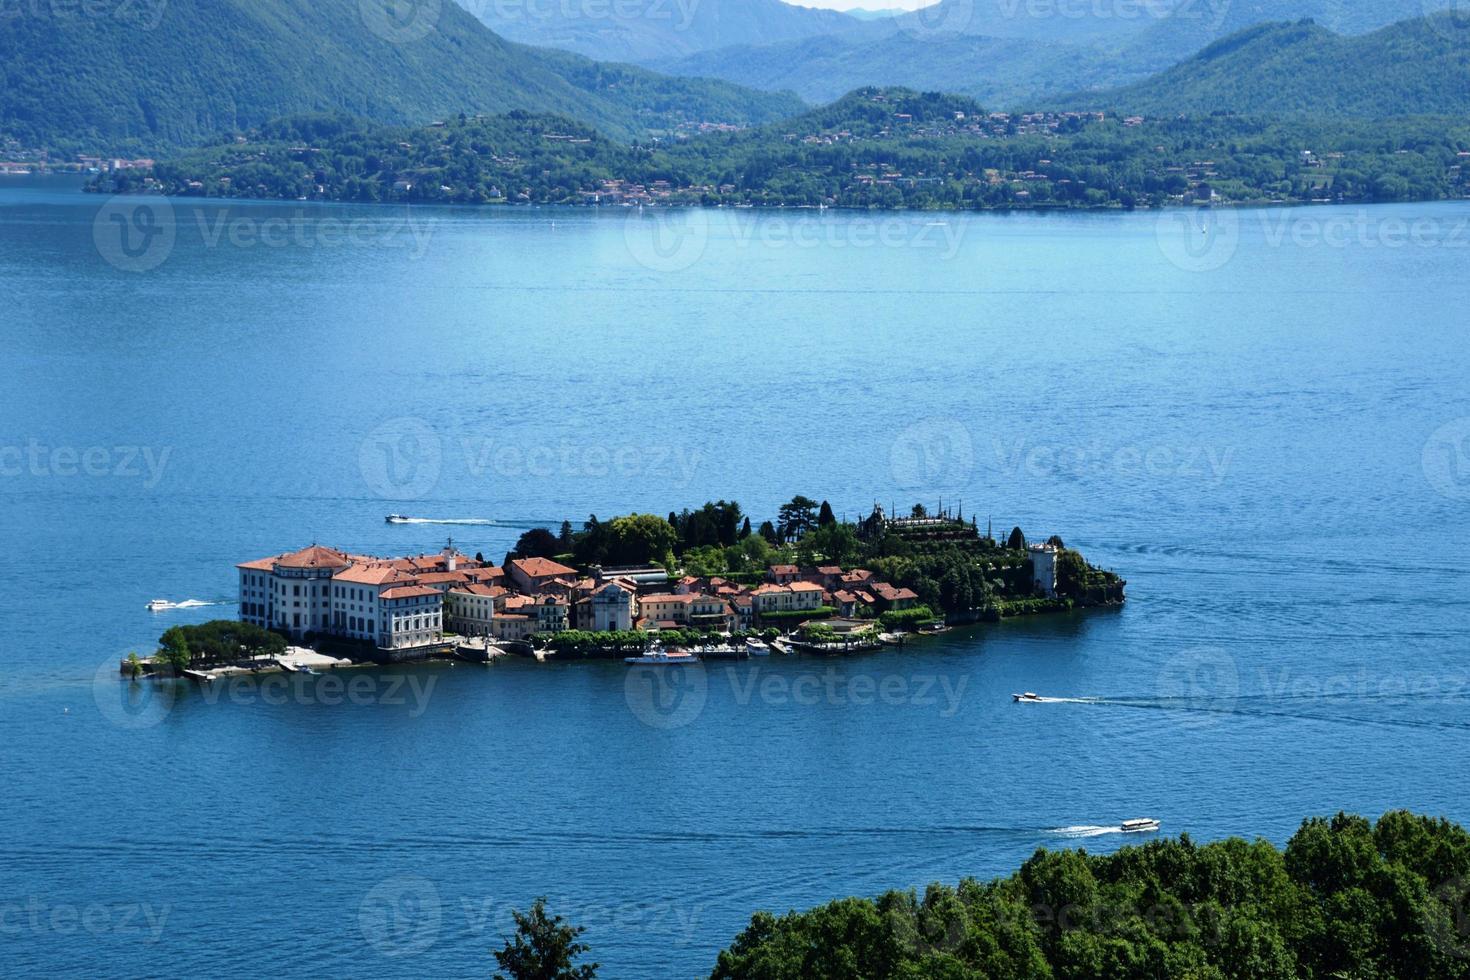 isola bella lago maggiore na itália foto